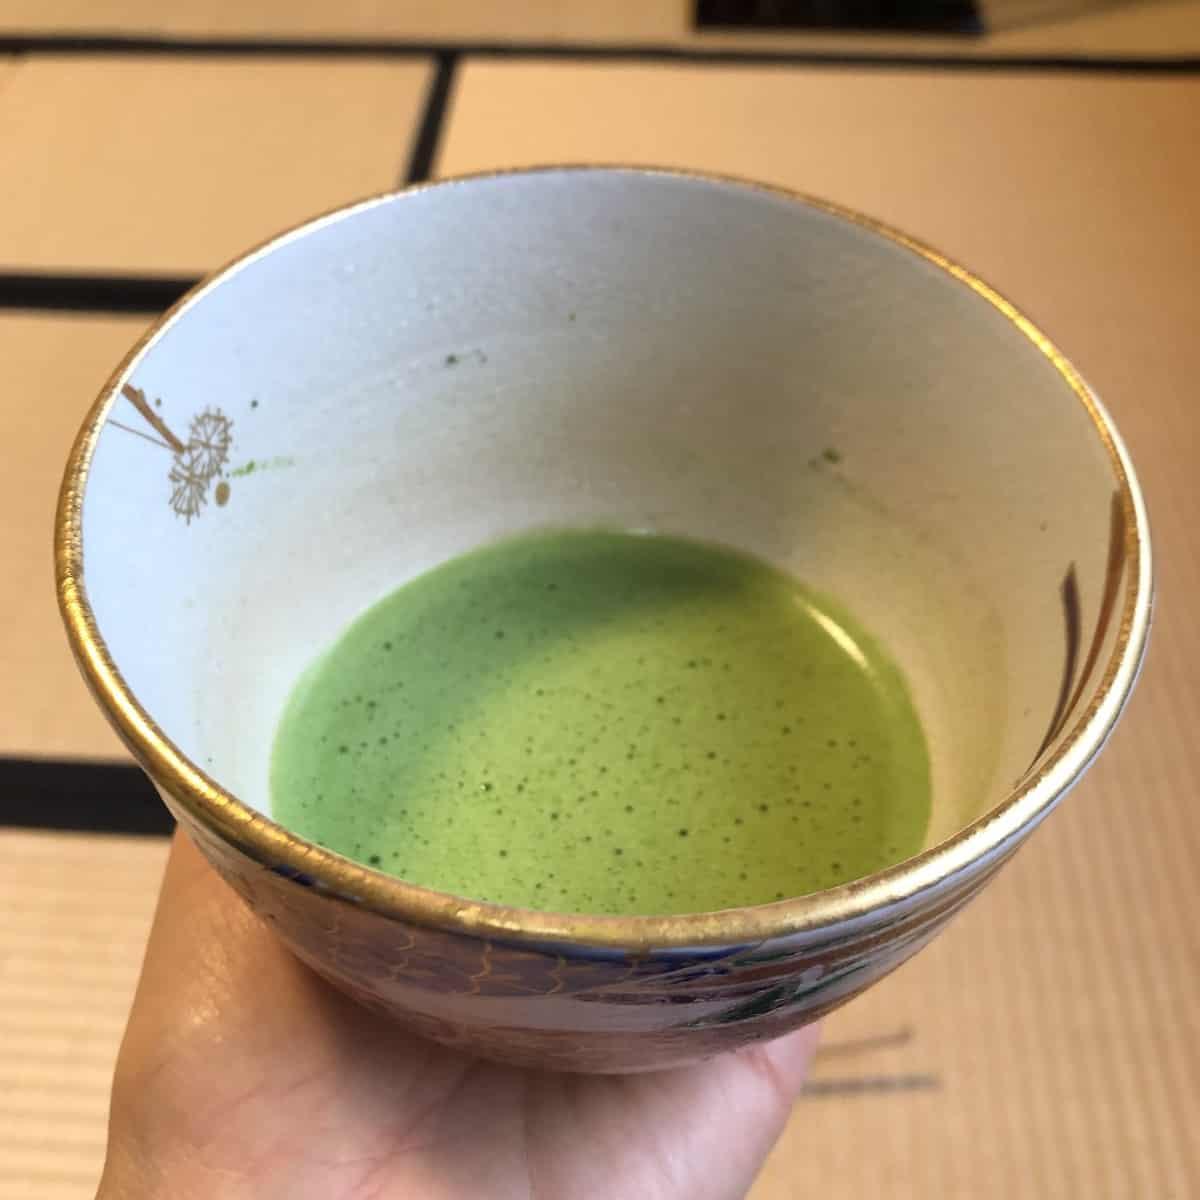 Японский чай матча: полезные свойства. научные исследования | promusculus.ru японский чай матча: полезные свойства. научные исследования | promusculus.ru